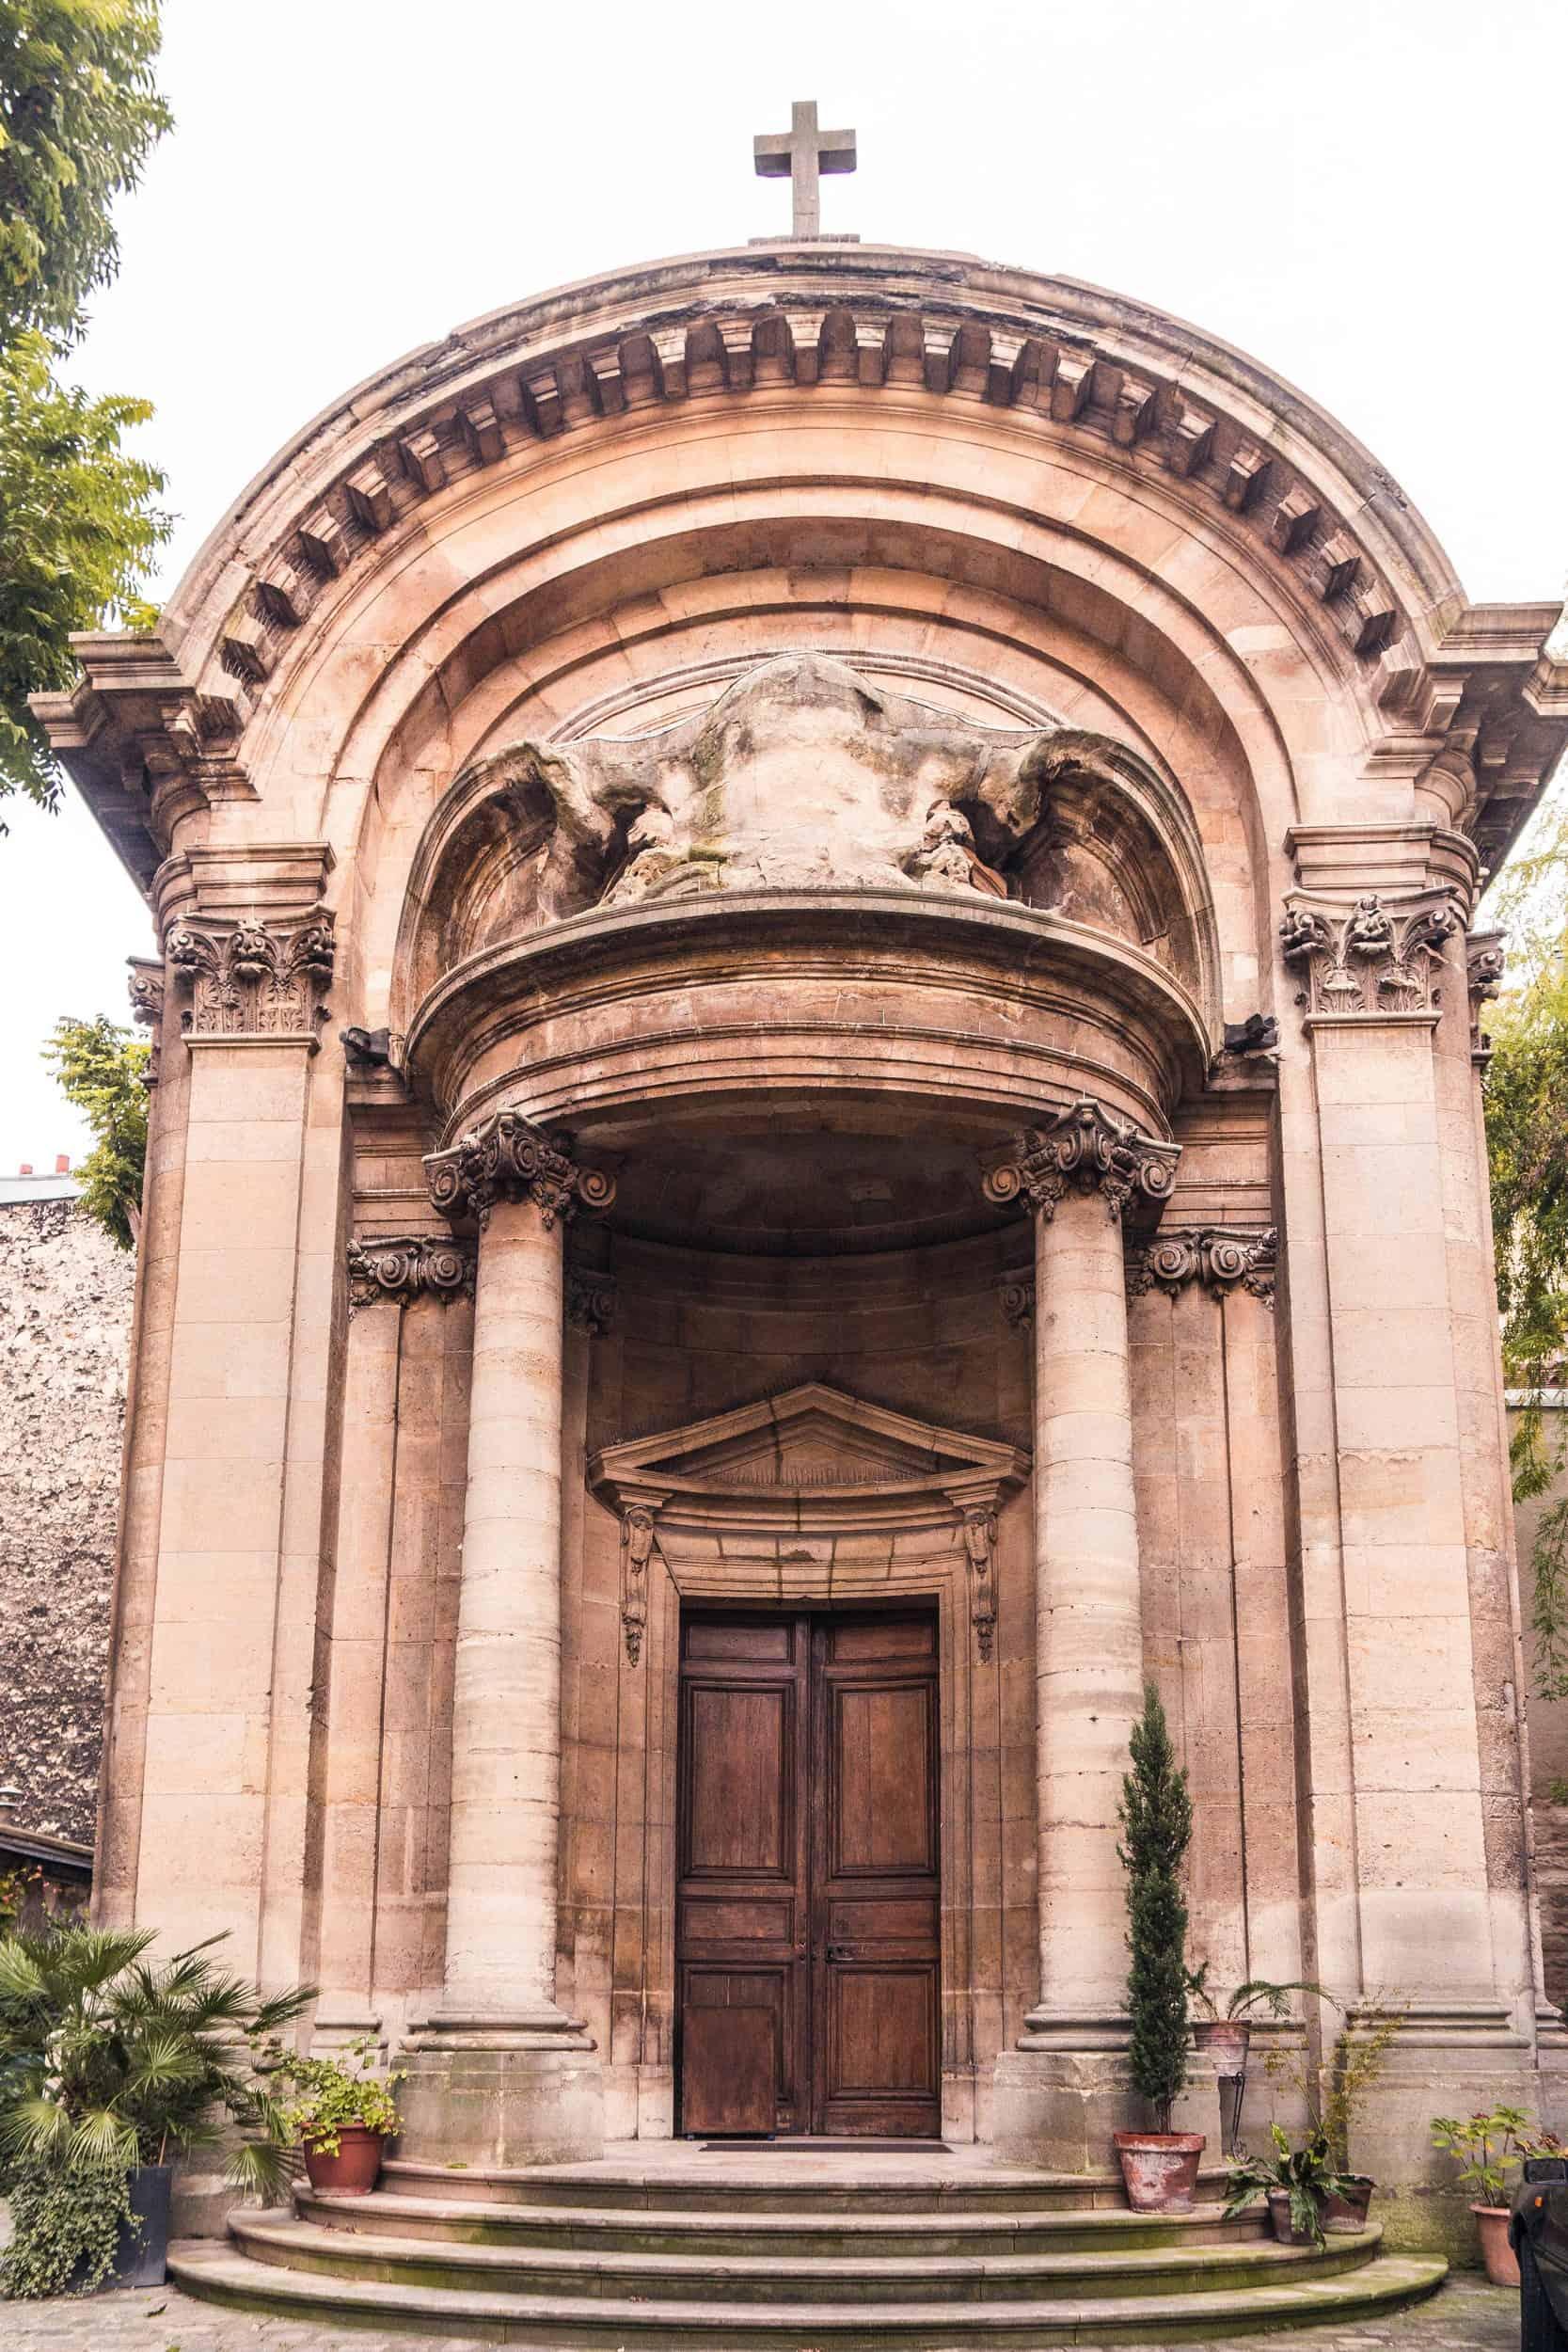 Église Saint-Éphrem-le-Syriaque, Latin Quarter, 5e arrondissement, Paris, France